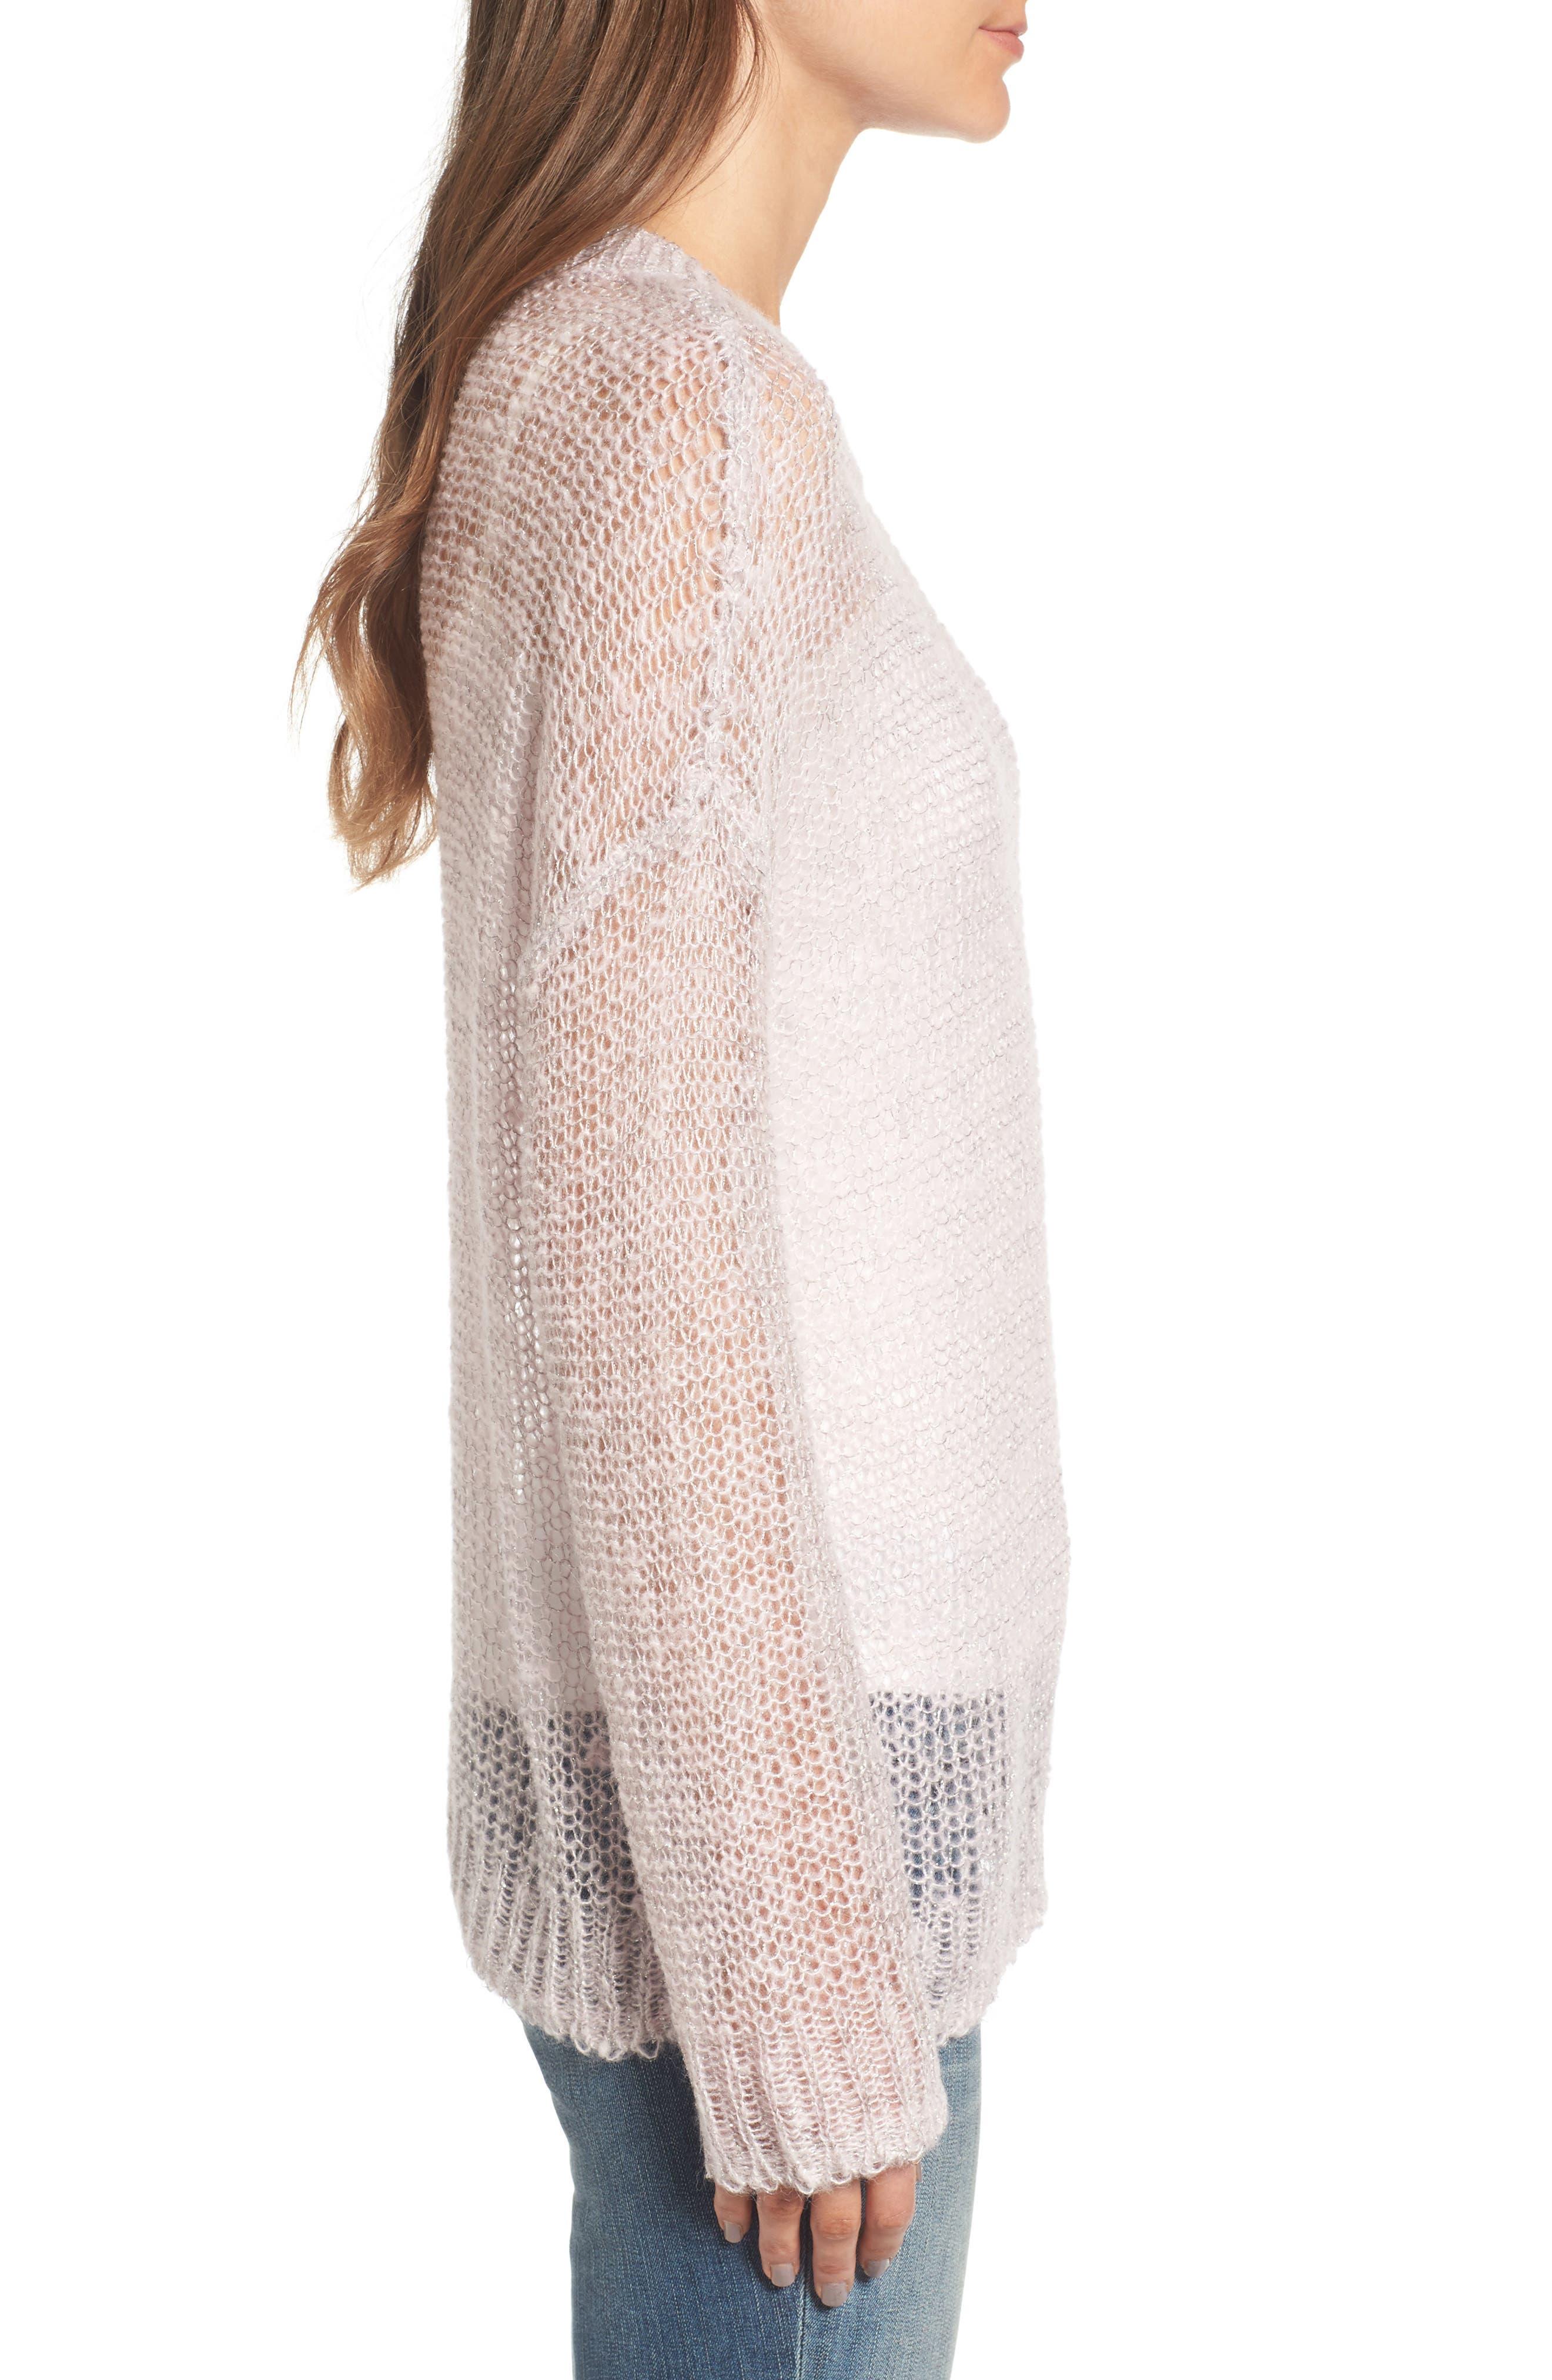 x Something Navy Sheer Metallic Sweater,                             Alternate thumbnail 3, color,                             Pink Parfait Combo